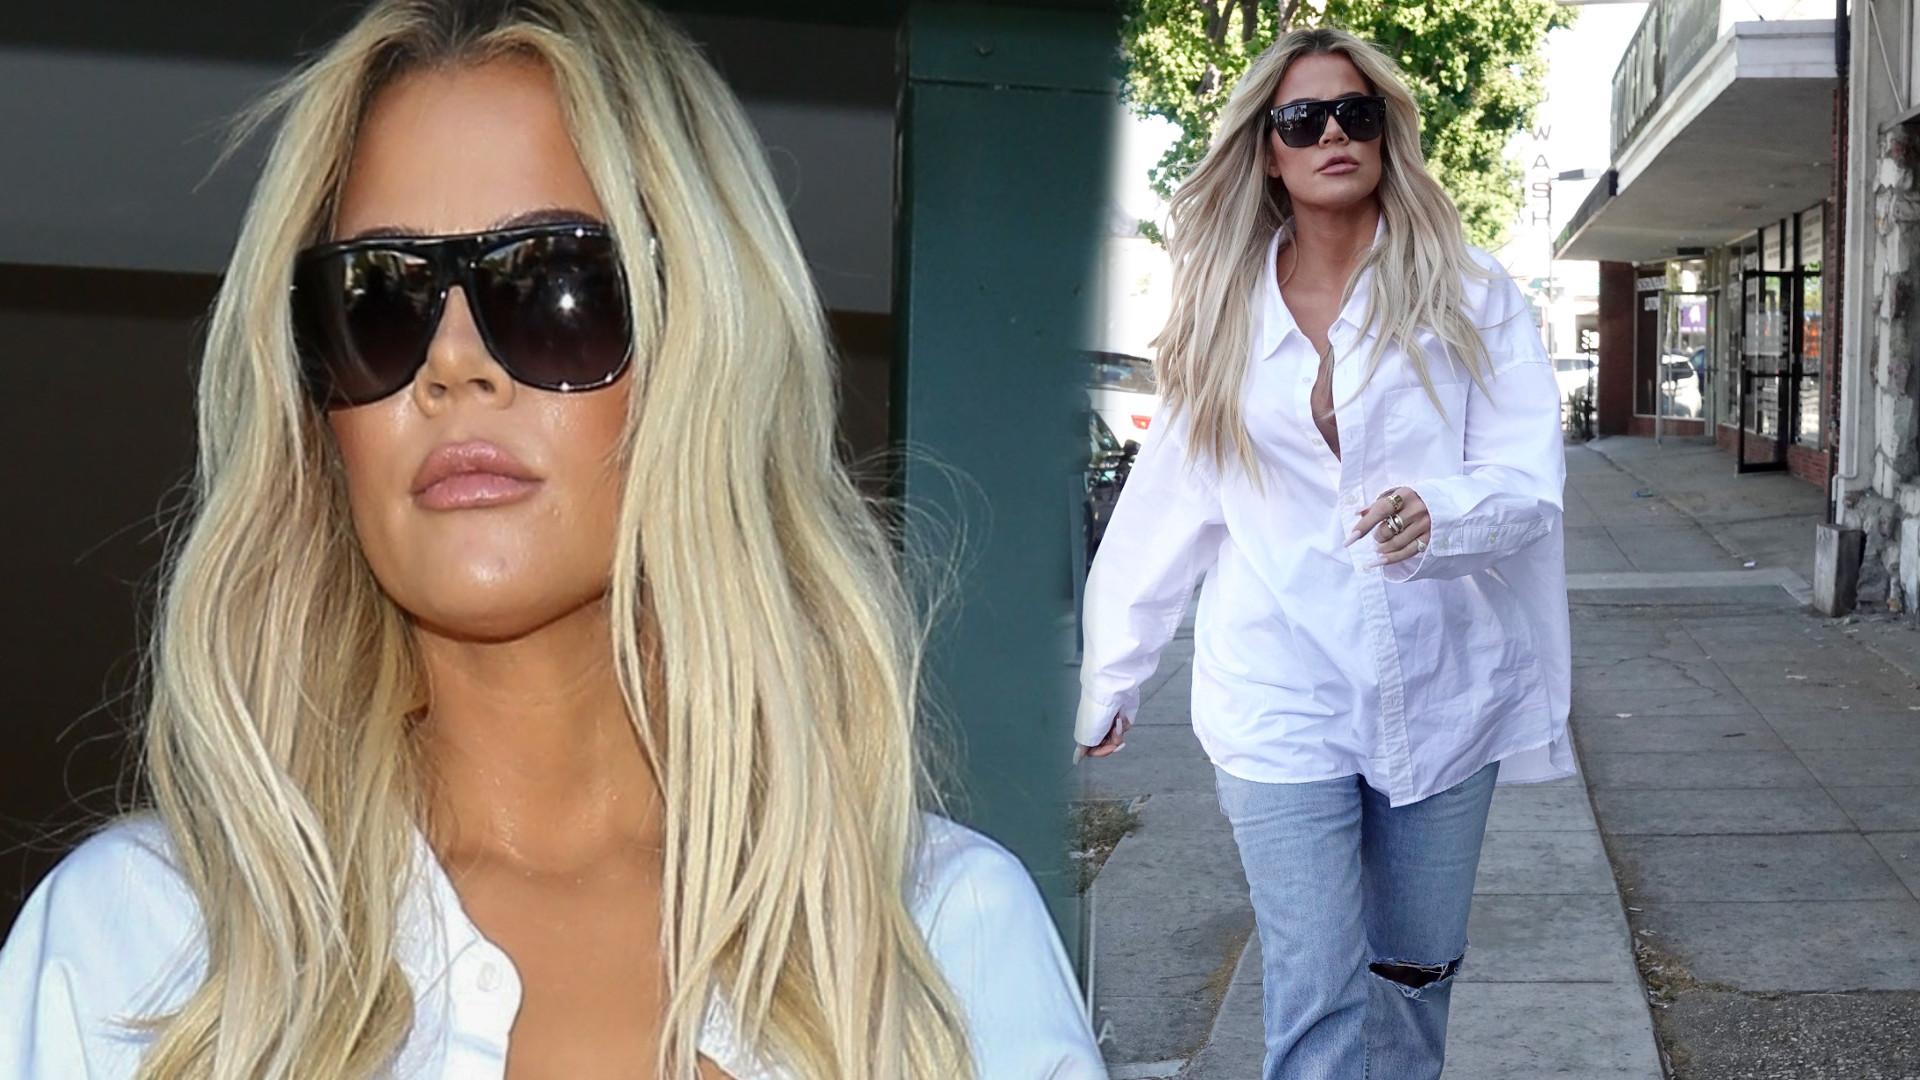 Khloe Kardashian ze stanikiem na wierzchu zmasakrowała swoją sylwetkę! Wygląda jak w ciuchach po bracie